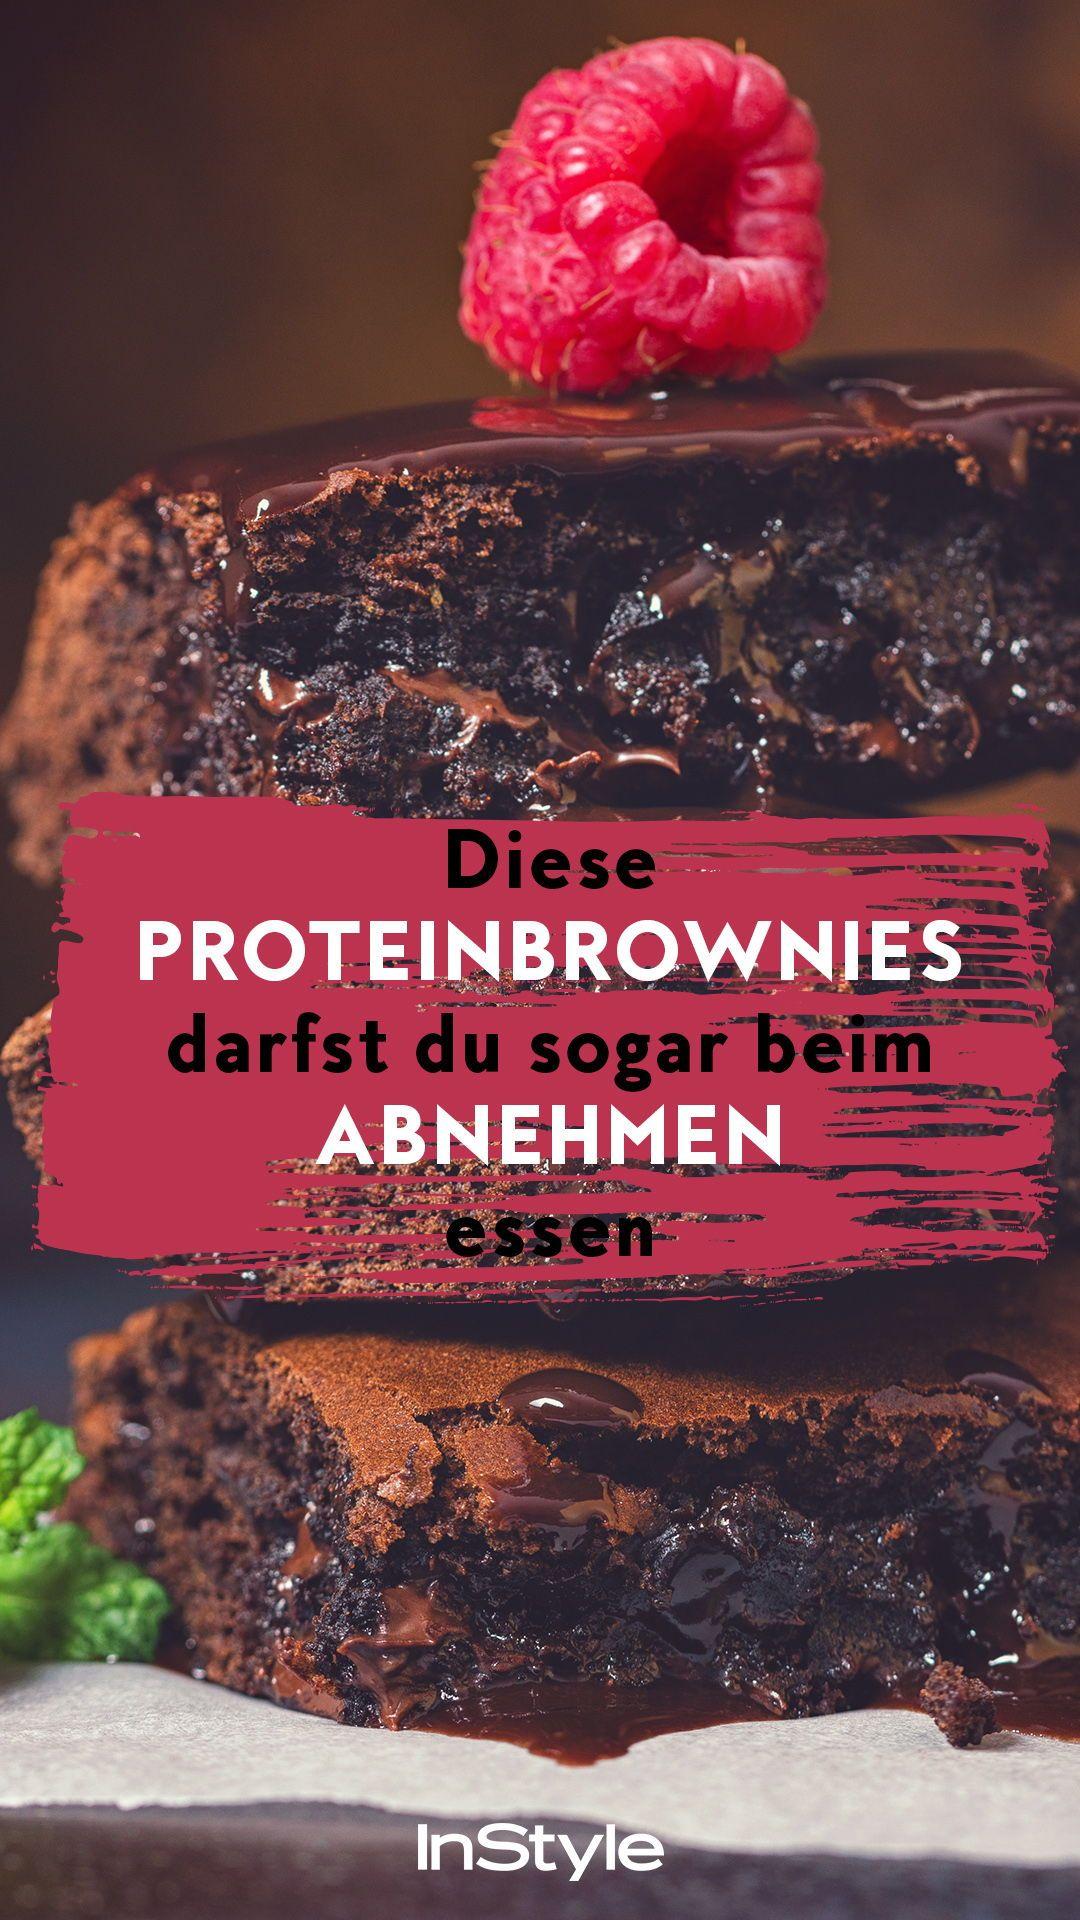 Ernährung: Diese Protein Brownies sind Diät-konform – und schmecken trotzdem super lecker #ketosnacks